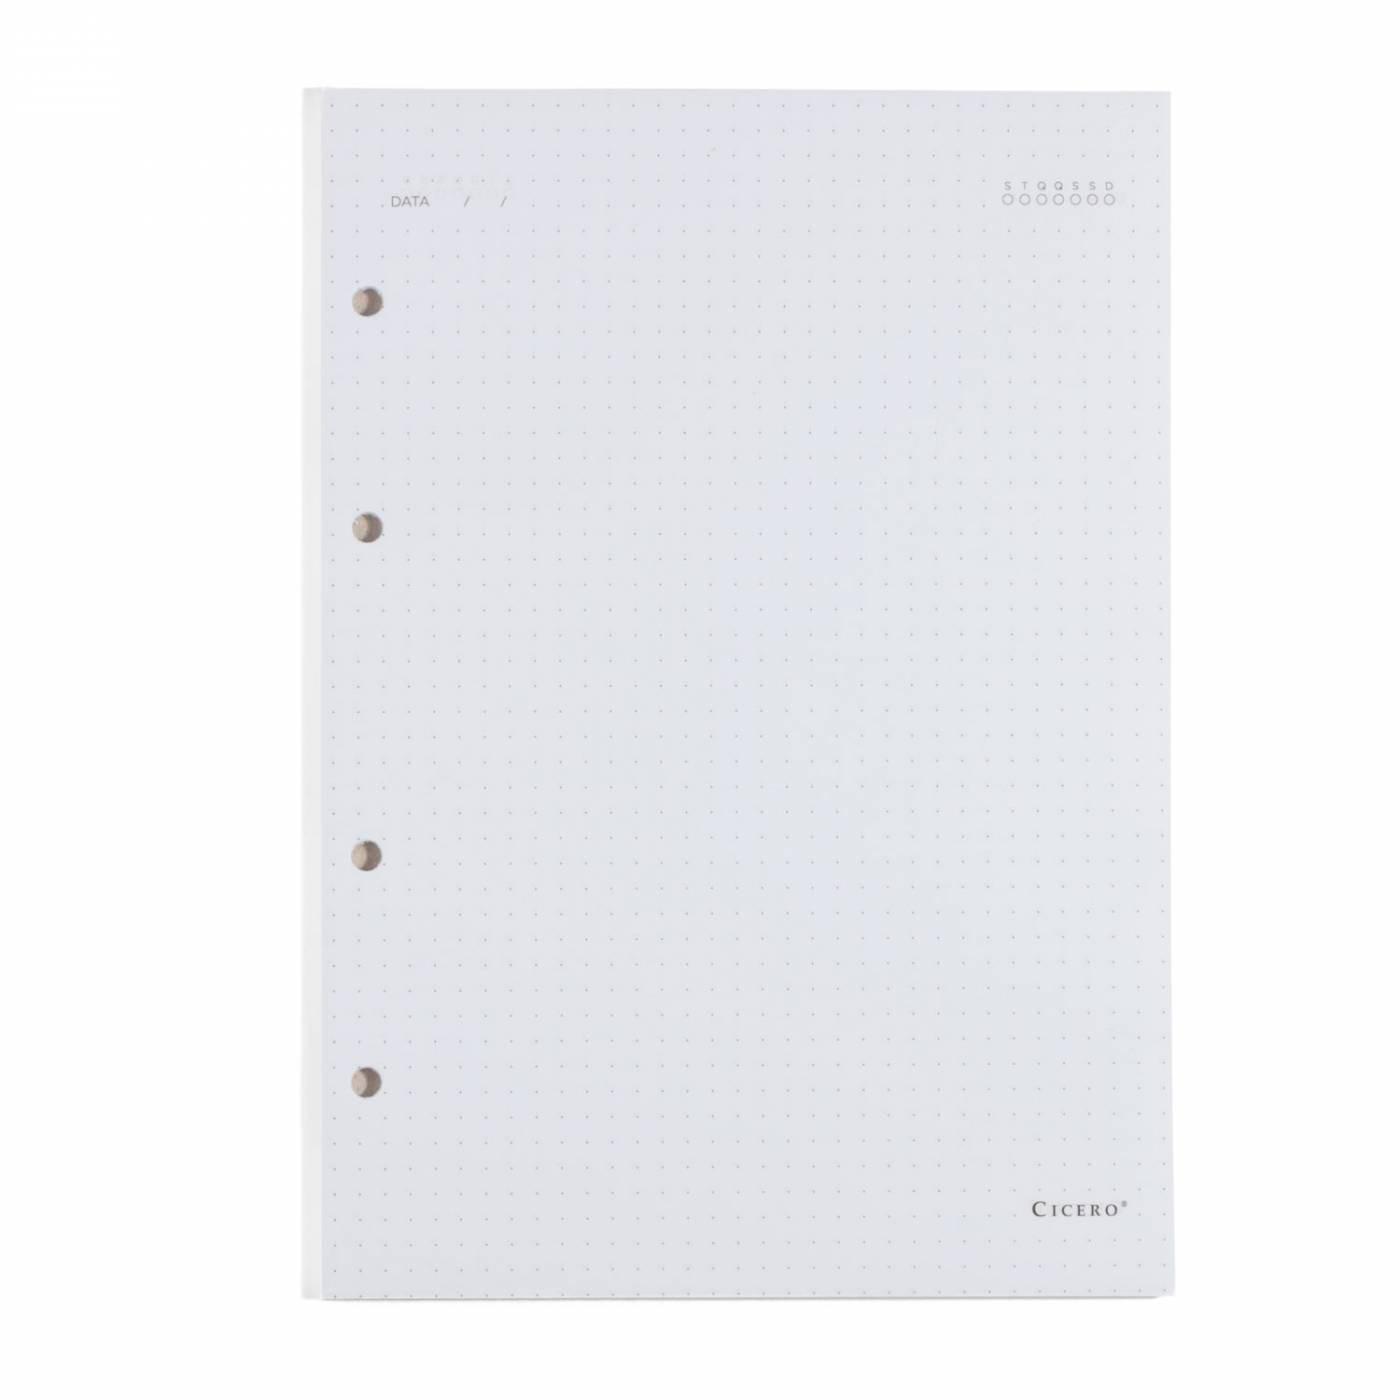 Refil Caderno Fichário Cicero Pontilhado Folha Branca 90gr